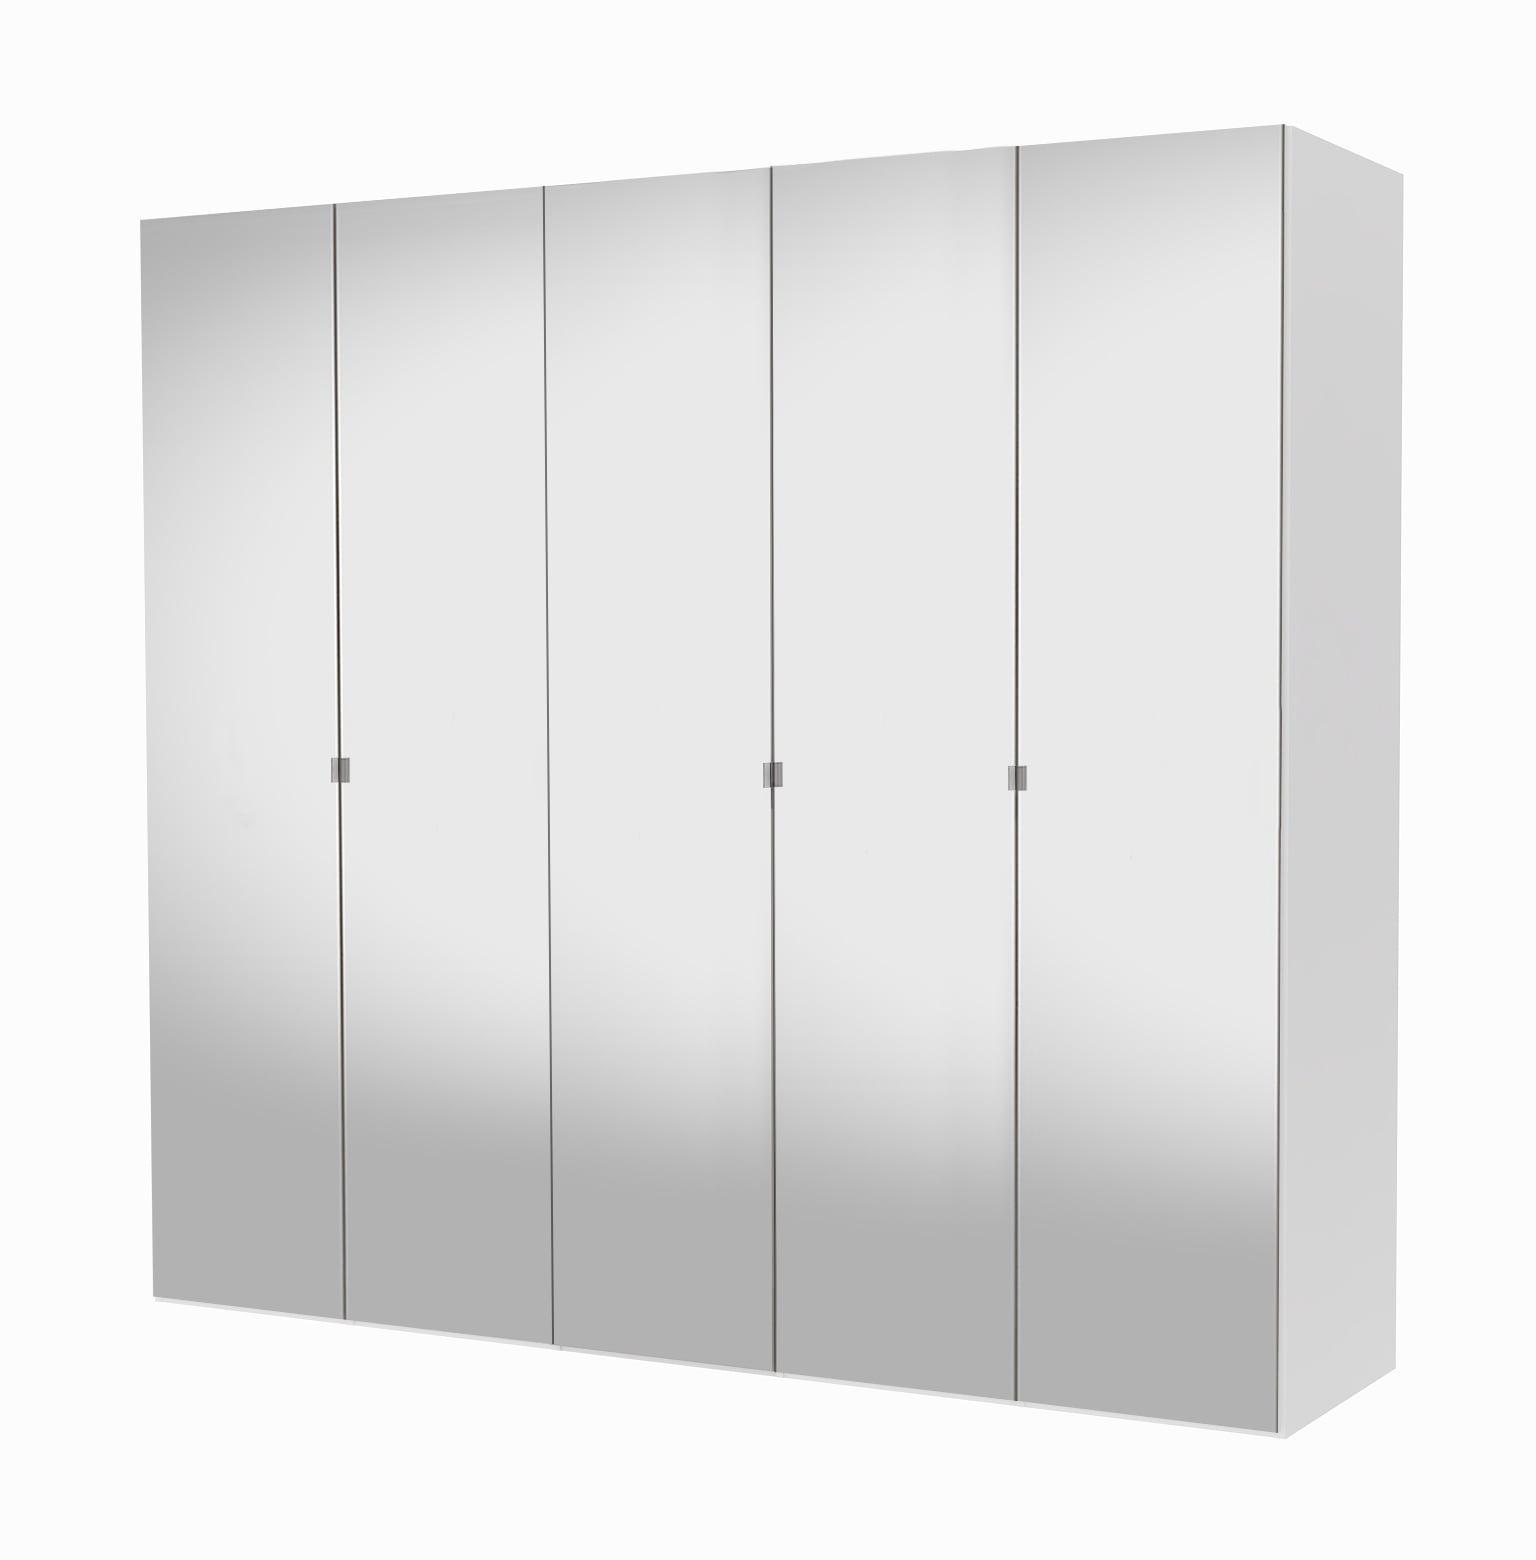 Save garderobeskab - hvid, m. 5 låger i spejlglas og 5 hylder